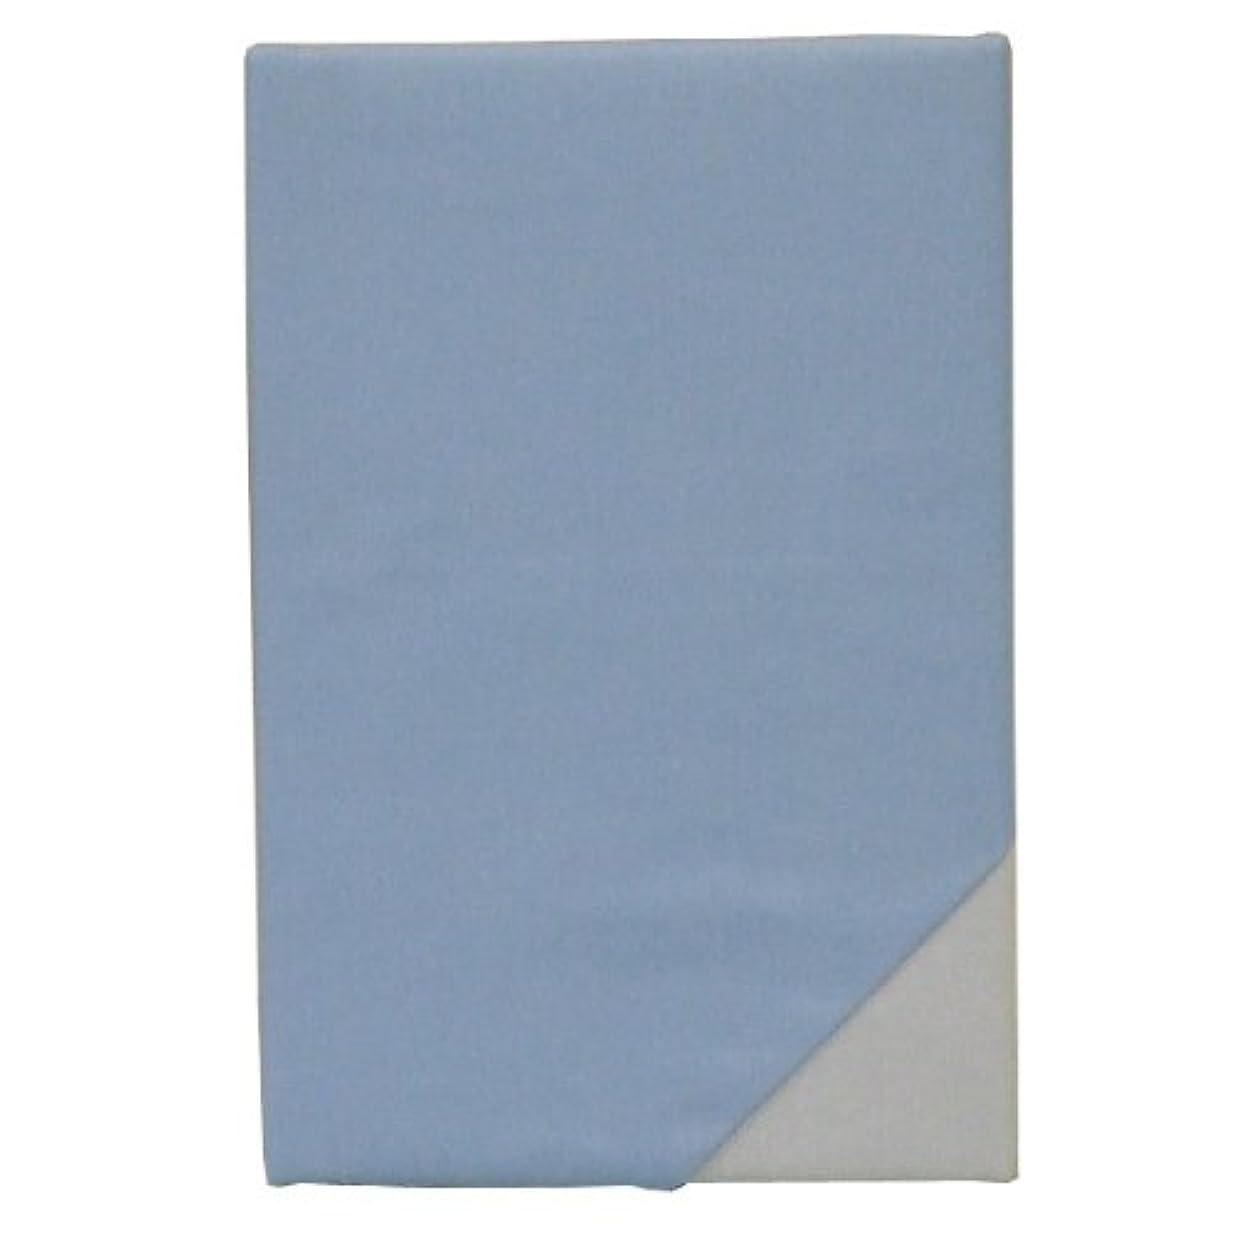 概して扇動未使用【日本製】 綿100% 敷き布団カバー 無地 シングル 105×205cm YKKファスナー使用 2905-77 (ブルー)